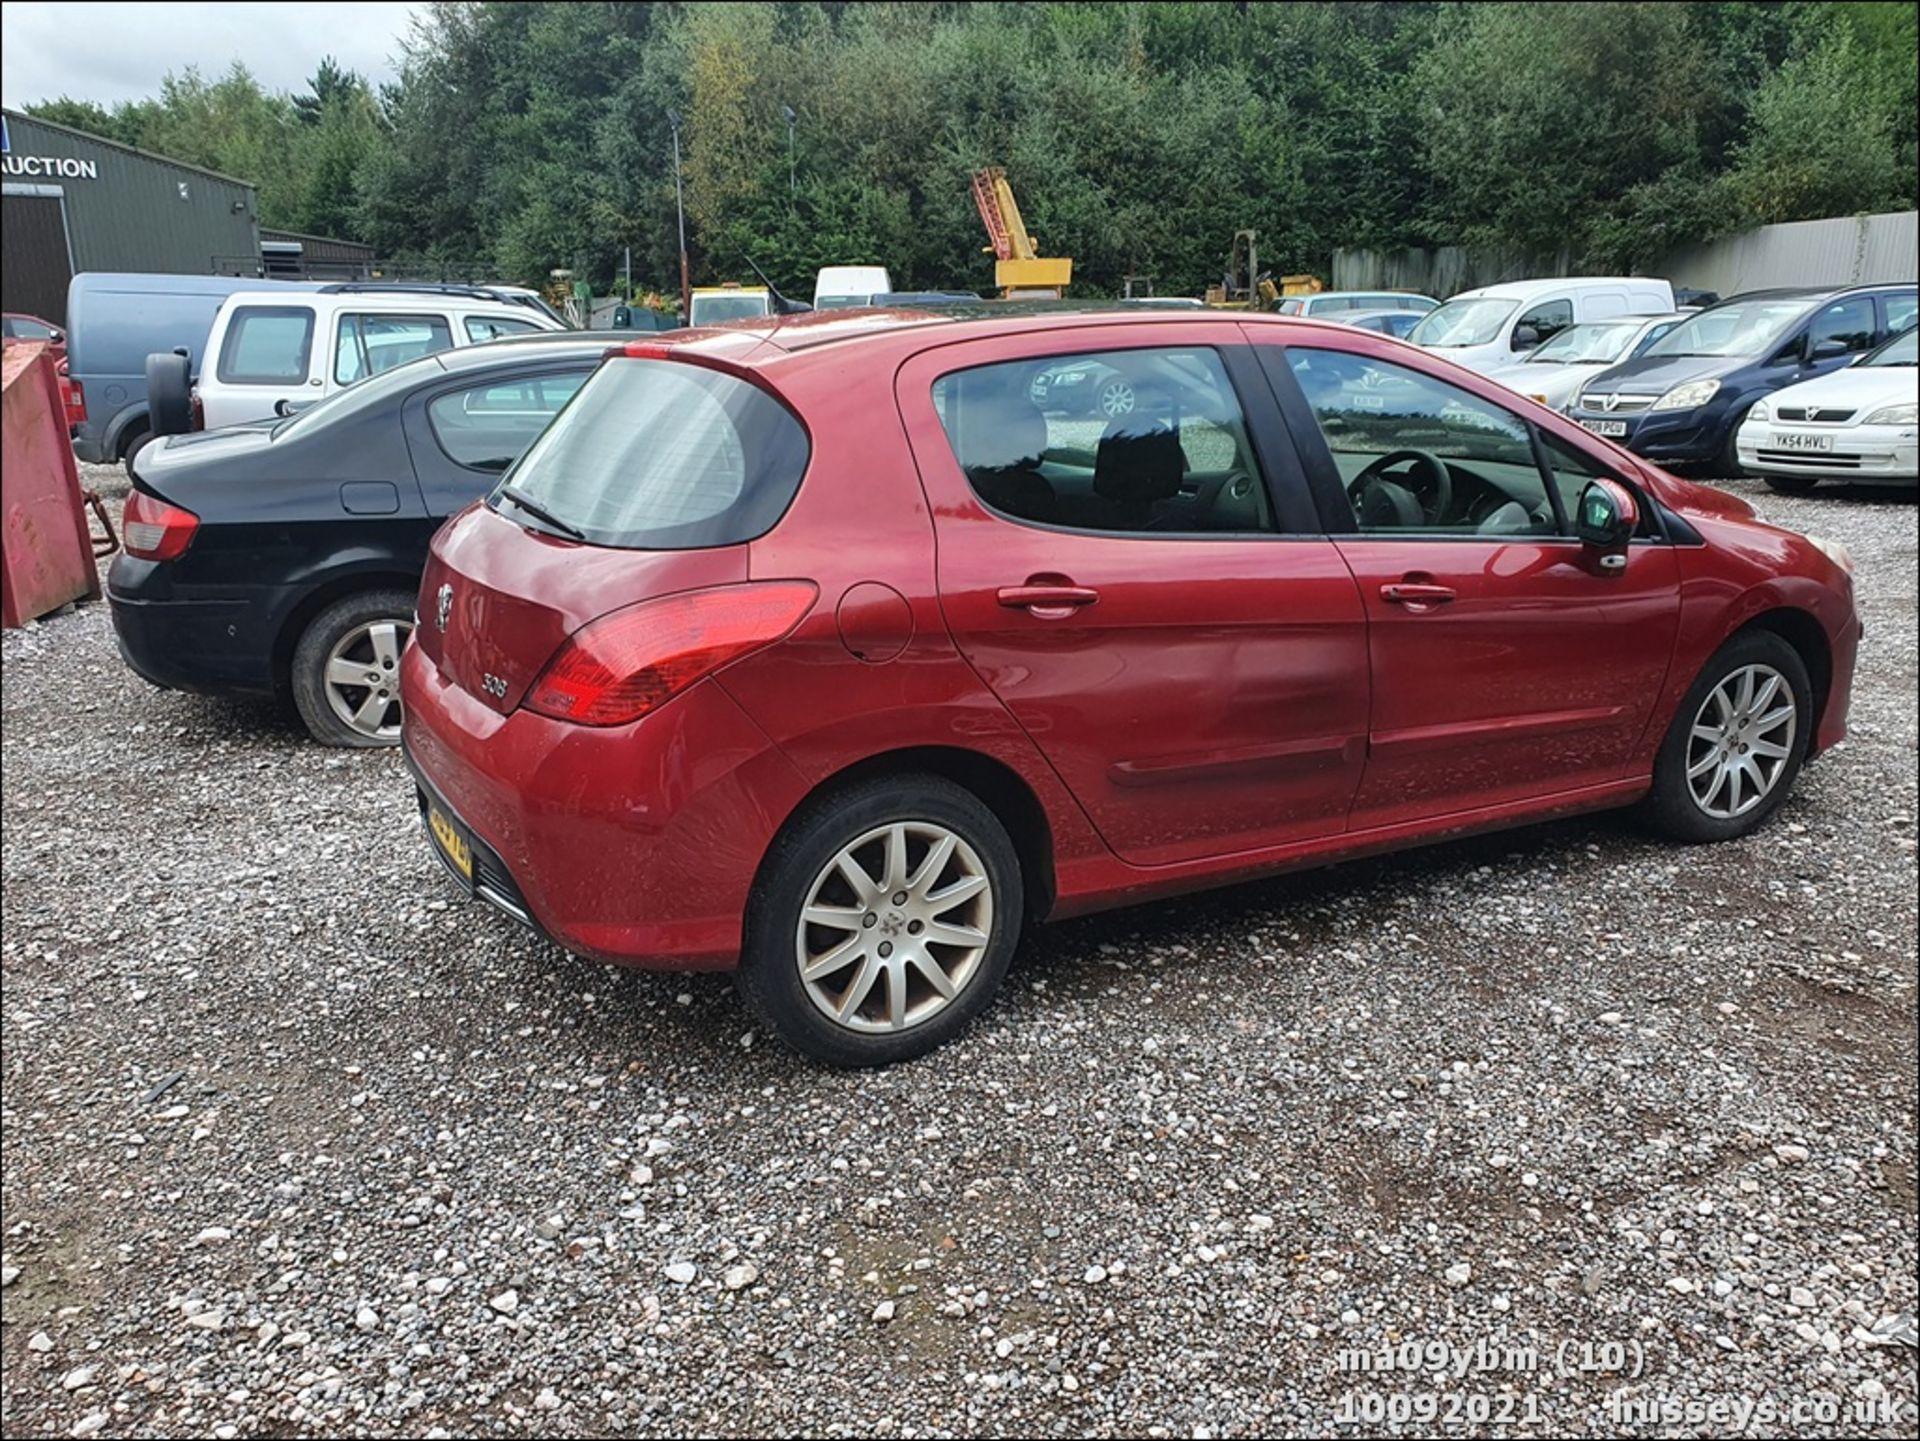 09/09 PEUGEOT 308 SE HDI - 1560cc 5dr Hatchback (Red) - Image 10 of 19